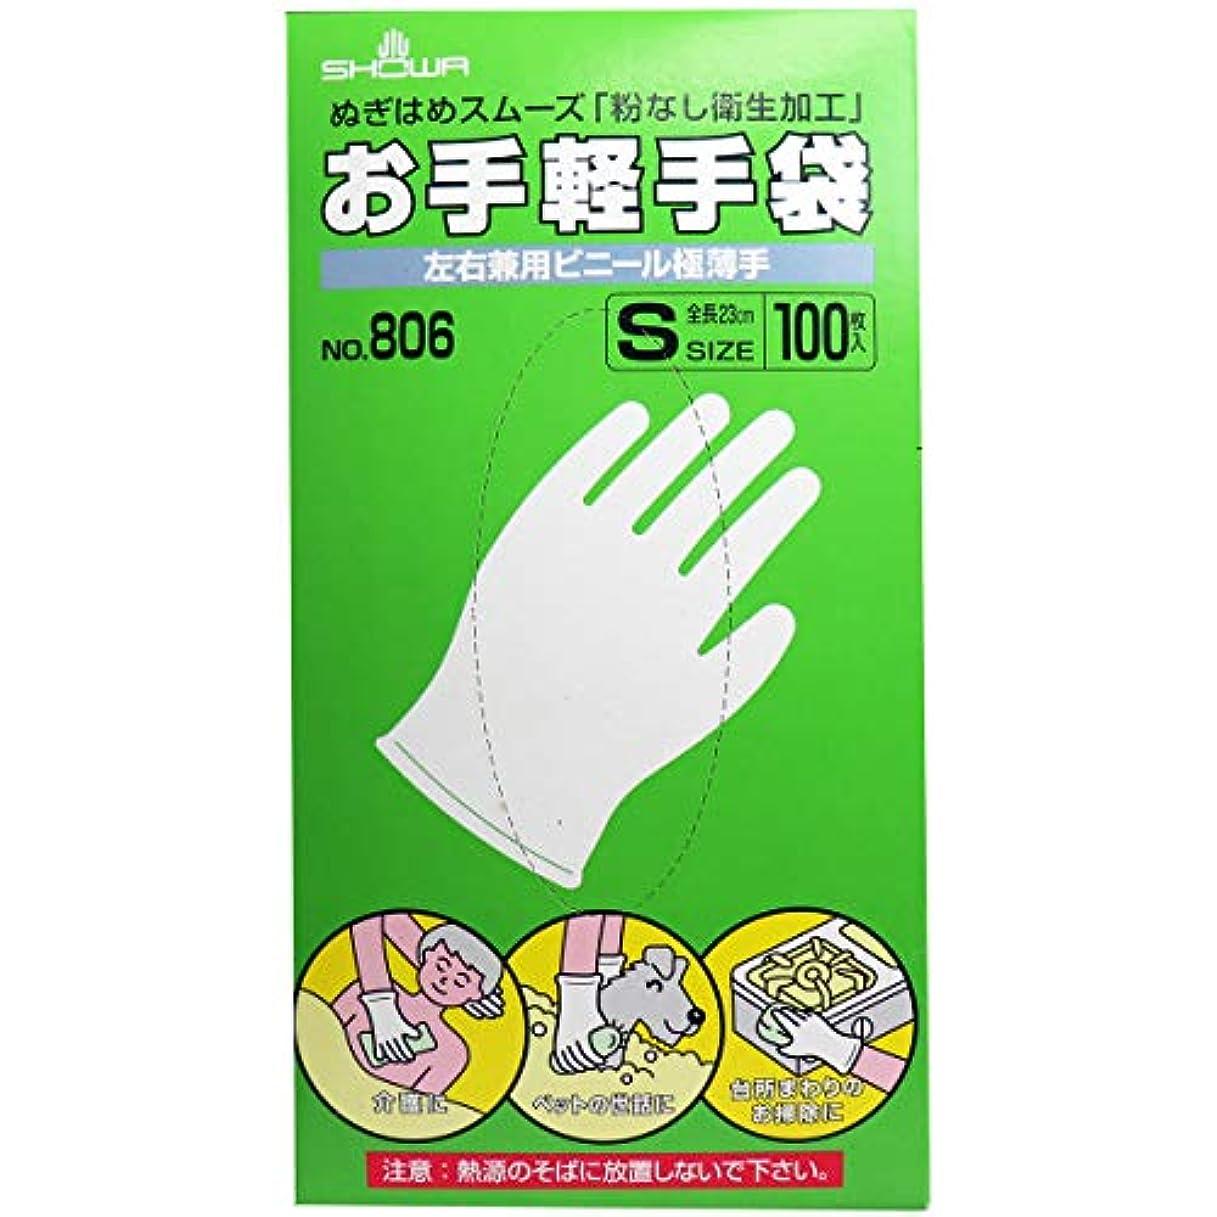 核福祉インクお手軽手袋 No.806 左右兼用ビニール極薄手 粉なし Sサイズ 100枚入×5個セット